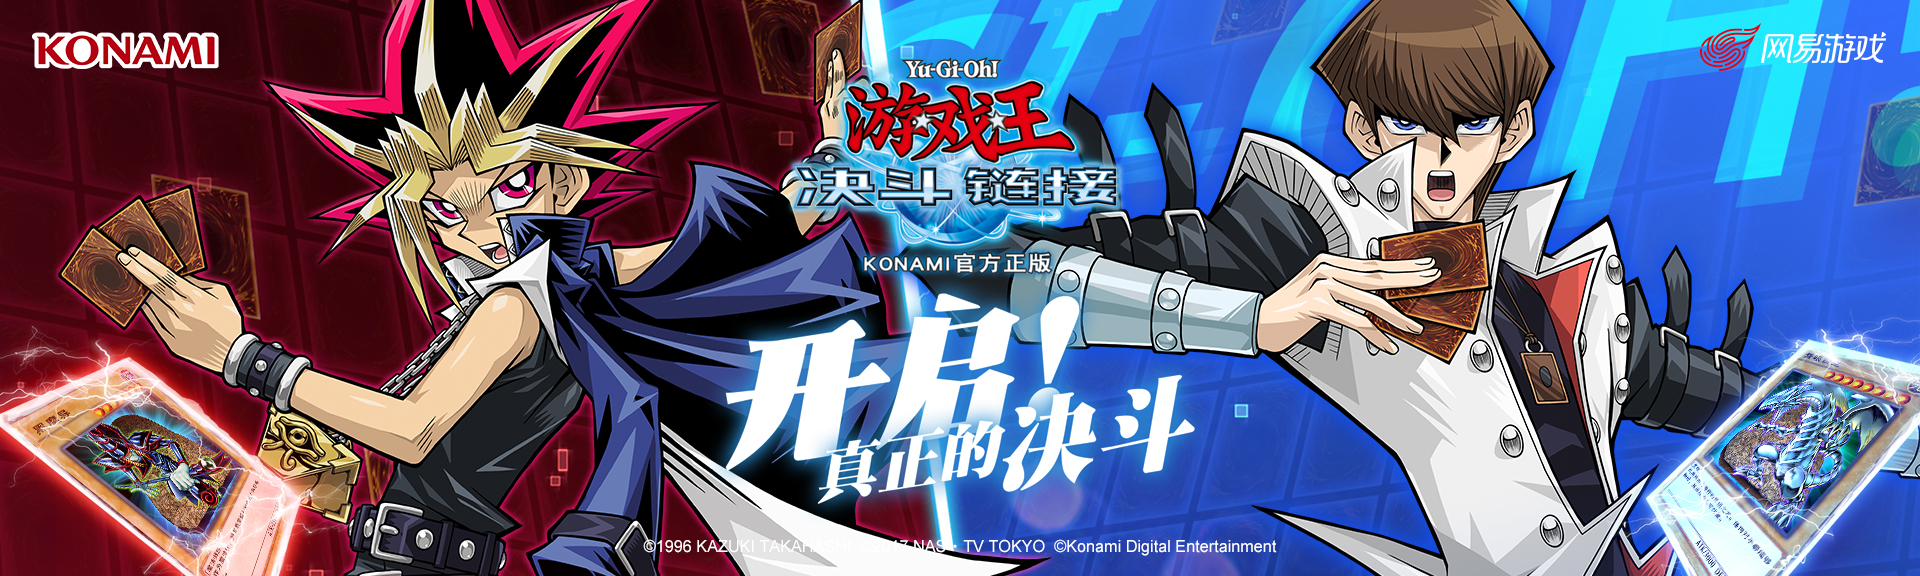 我的回合!KONAMI公布《游戏王:决斗链接》进入中国